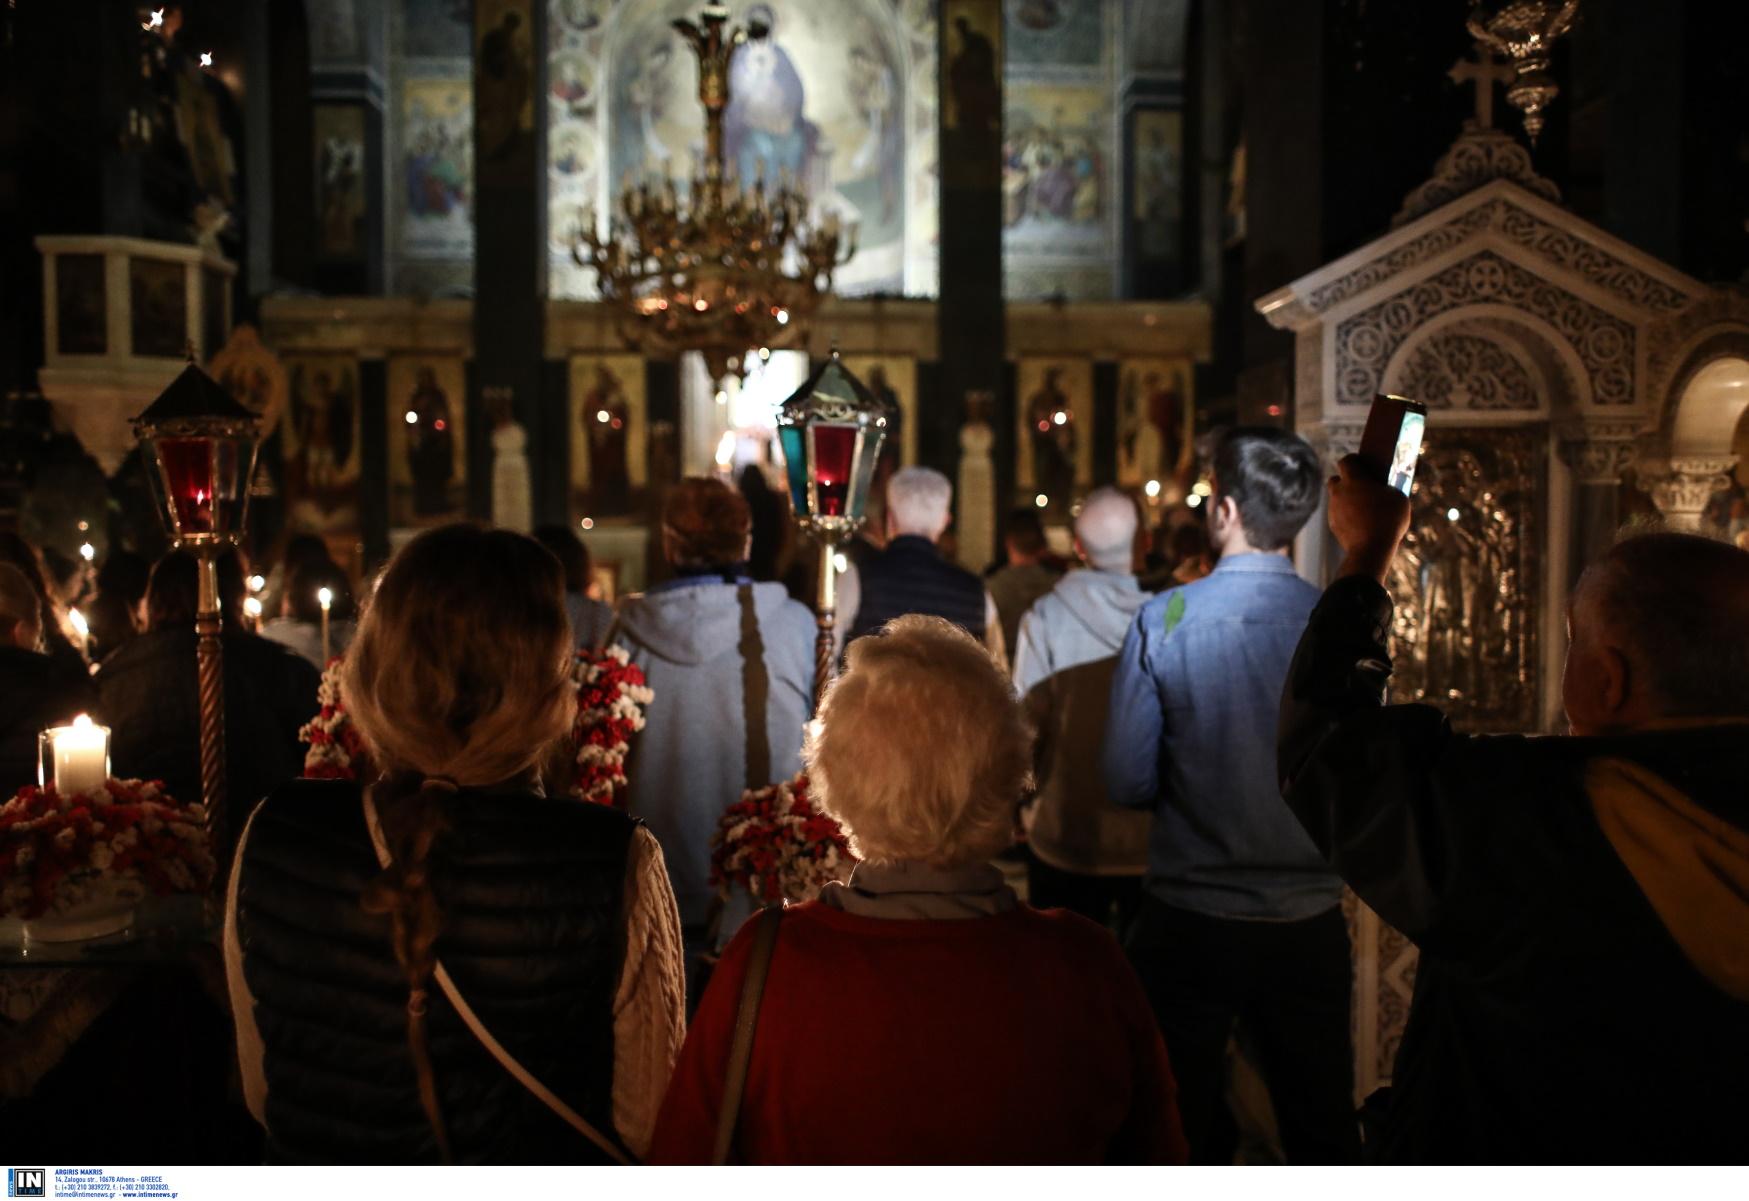 Μητροπολίτης Αθηναγόρας: Έτσι θα γίνουν οι λειτουργίες της Μεγάλης Εβδομάδας και του Πάσχα